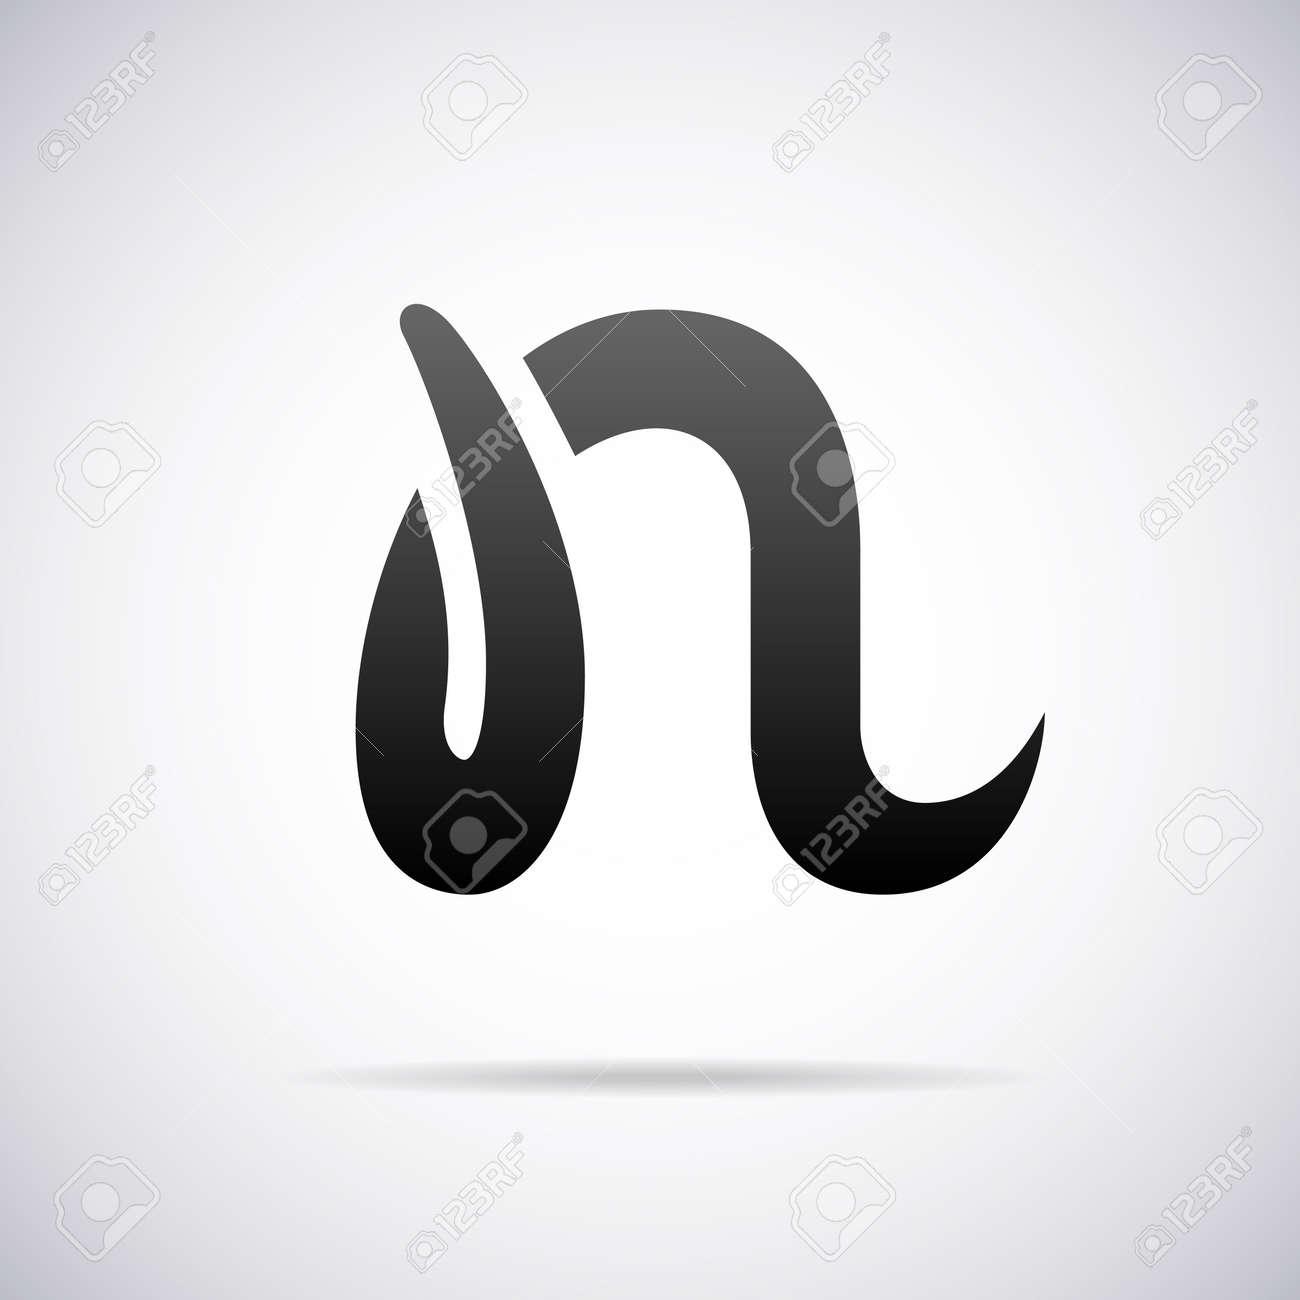 Letter N Design Template Vector Illustration Stock